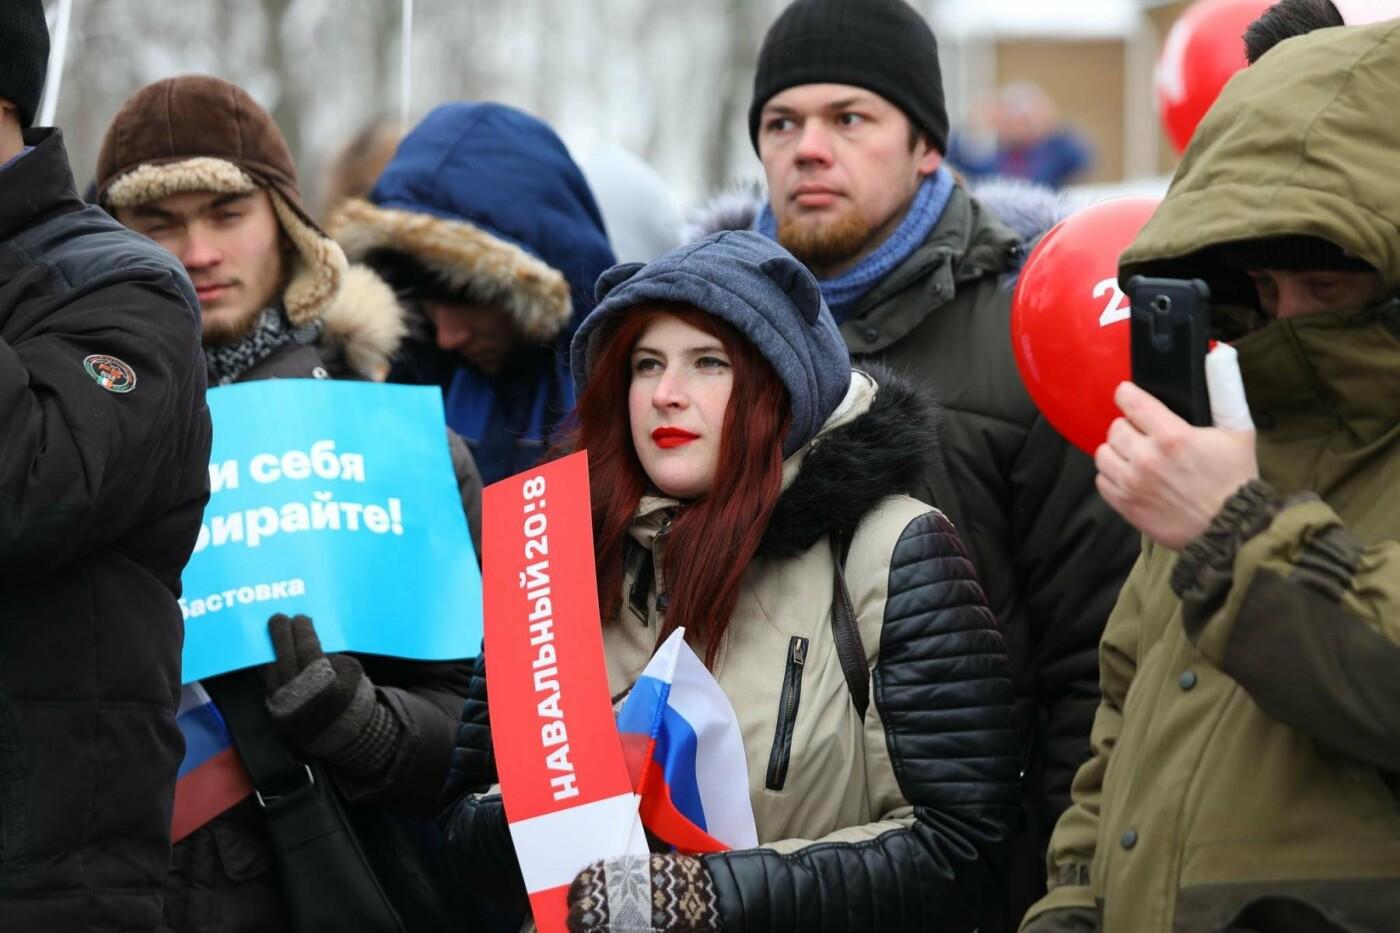 В Белгороде у Дома офицеров прошла «забастовка избирателей» — фоторепортаж, фото-35